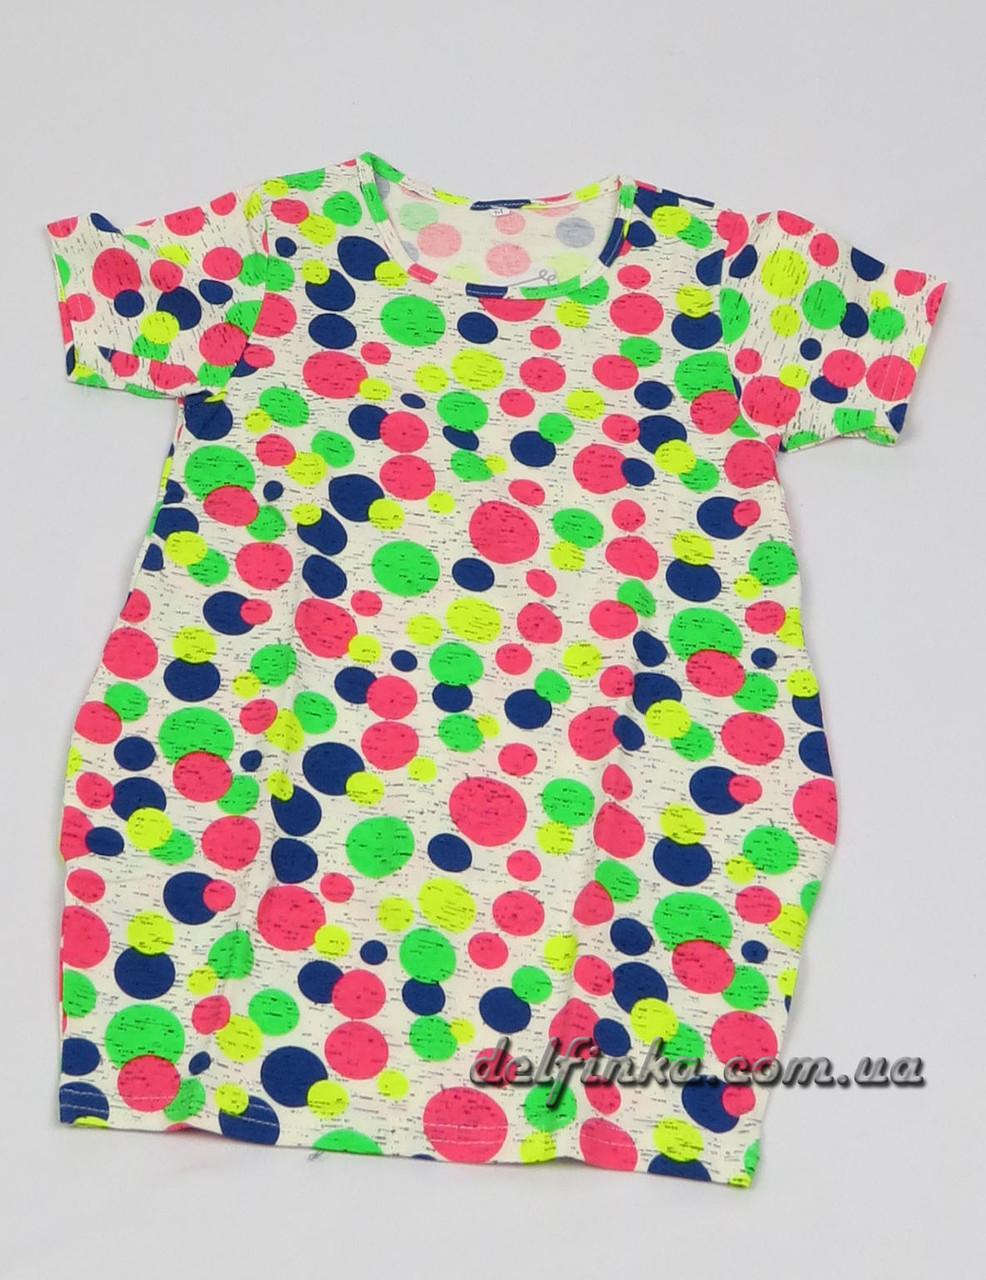 Трикотажная туника - платье с карманами бабочка для девочки от 3-6 лет, фото 4